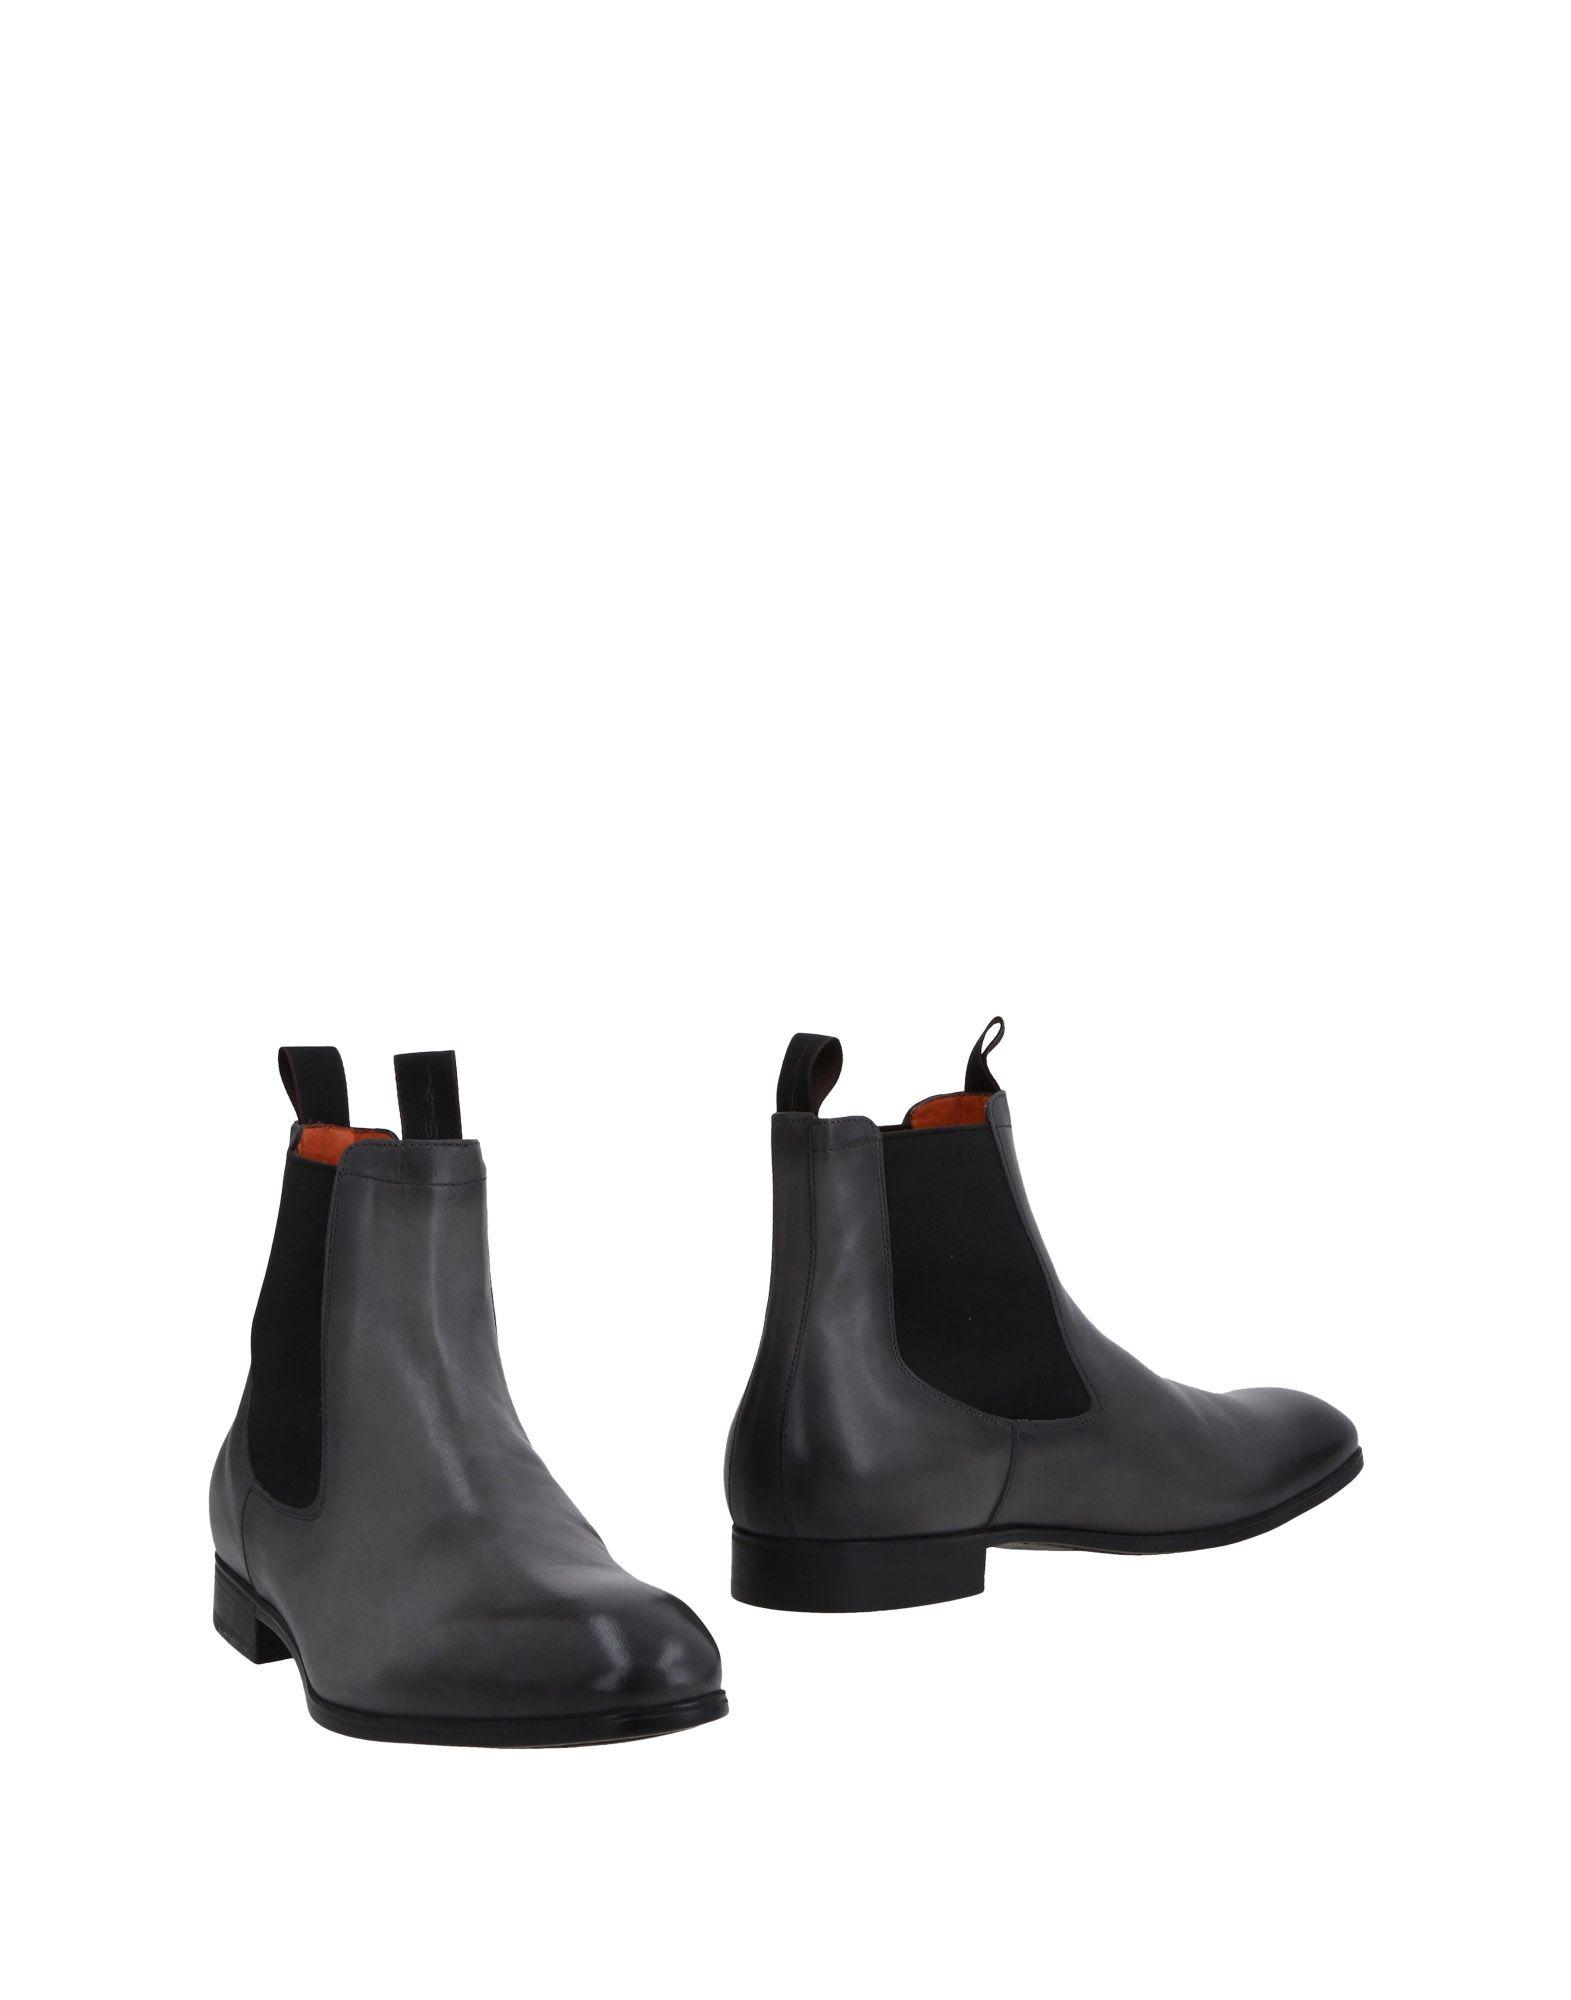 Santoni Stiefelette Herren  11478627LU Gute Qualität beliebte Schuhe